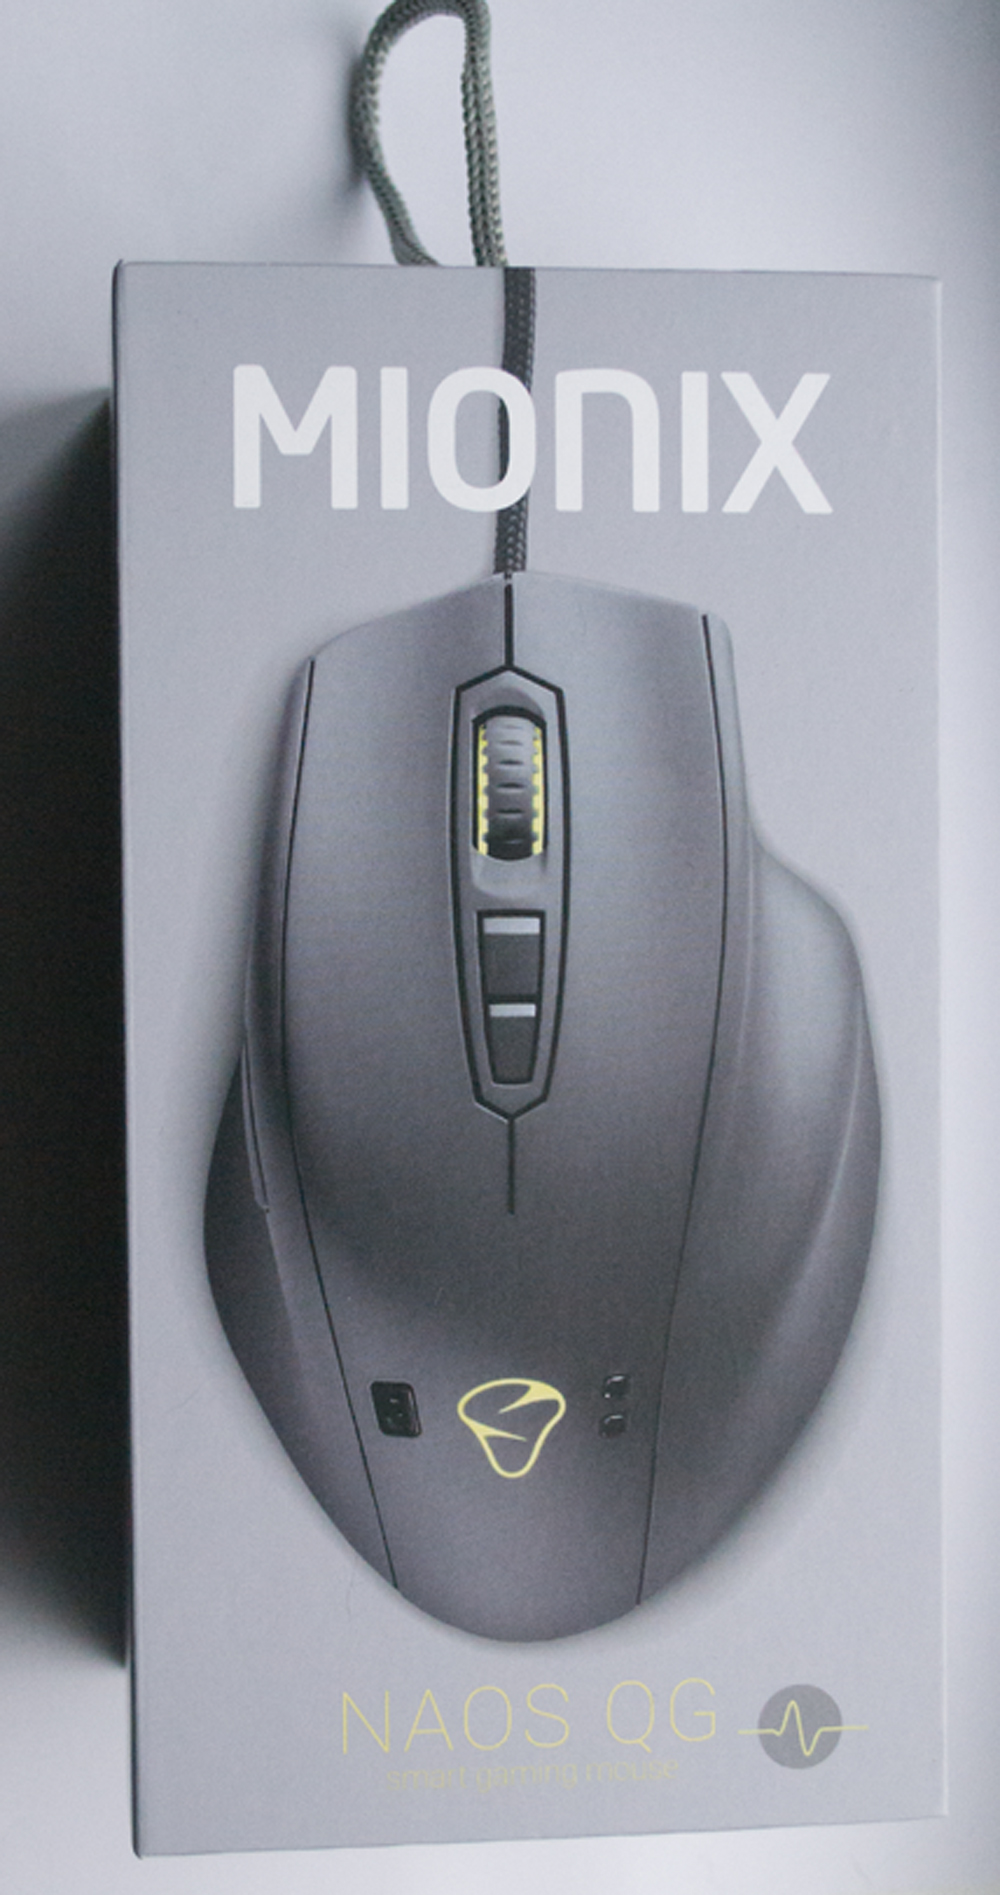 mionix-naos-qg-box-front-2